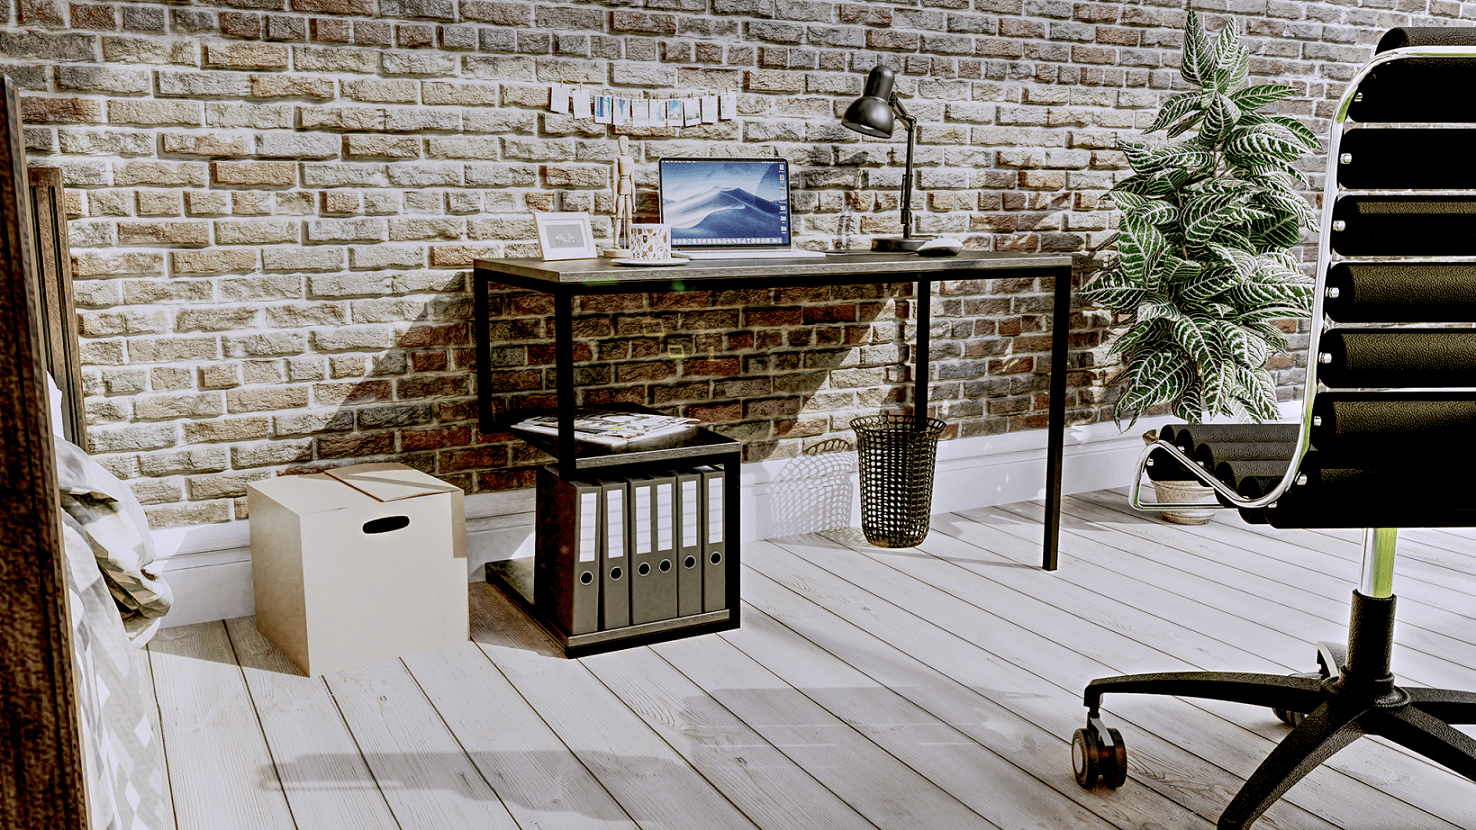 wizualizacja 3D biurka wraz z otoczeniem